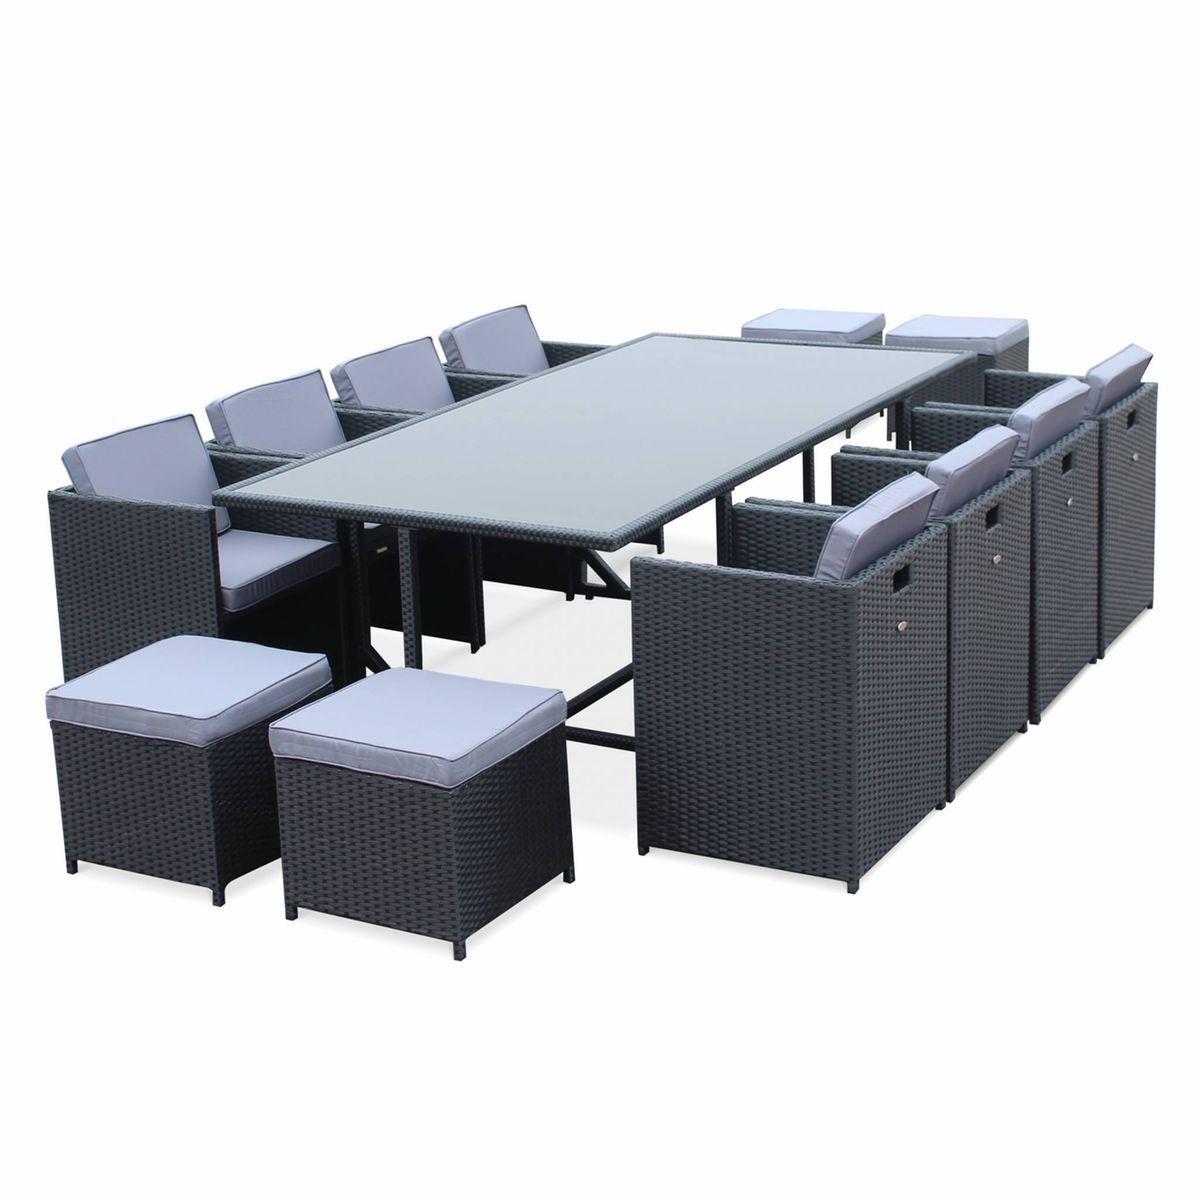 Salon De Jardin Vasto Noir Table En Résine Tressée 8 À 12 ... tout Table De Jardin Resine Tressee 8 Places